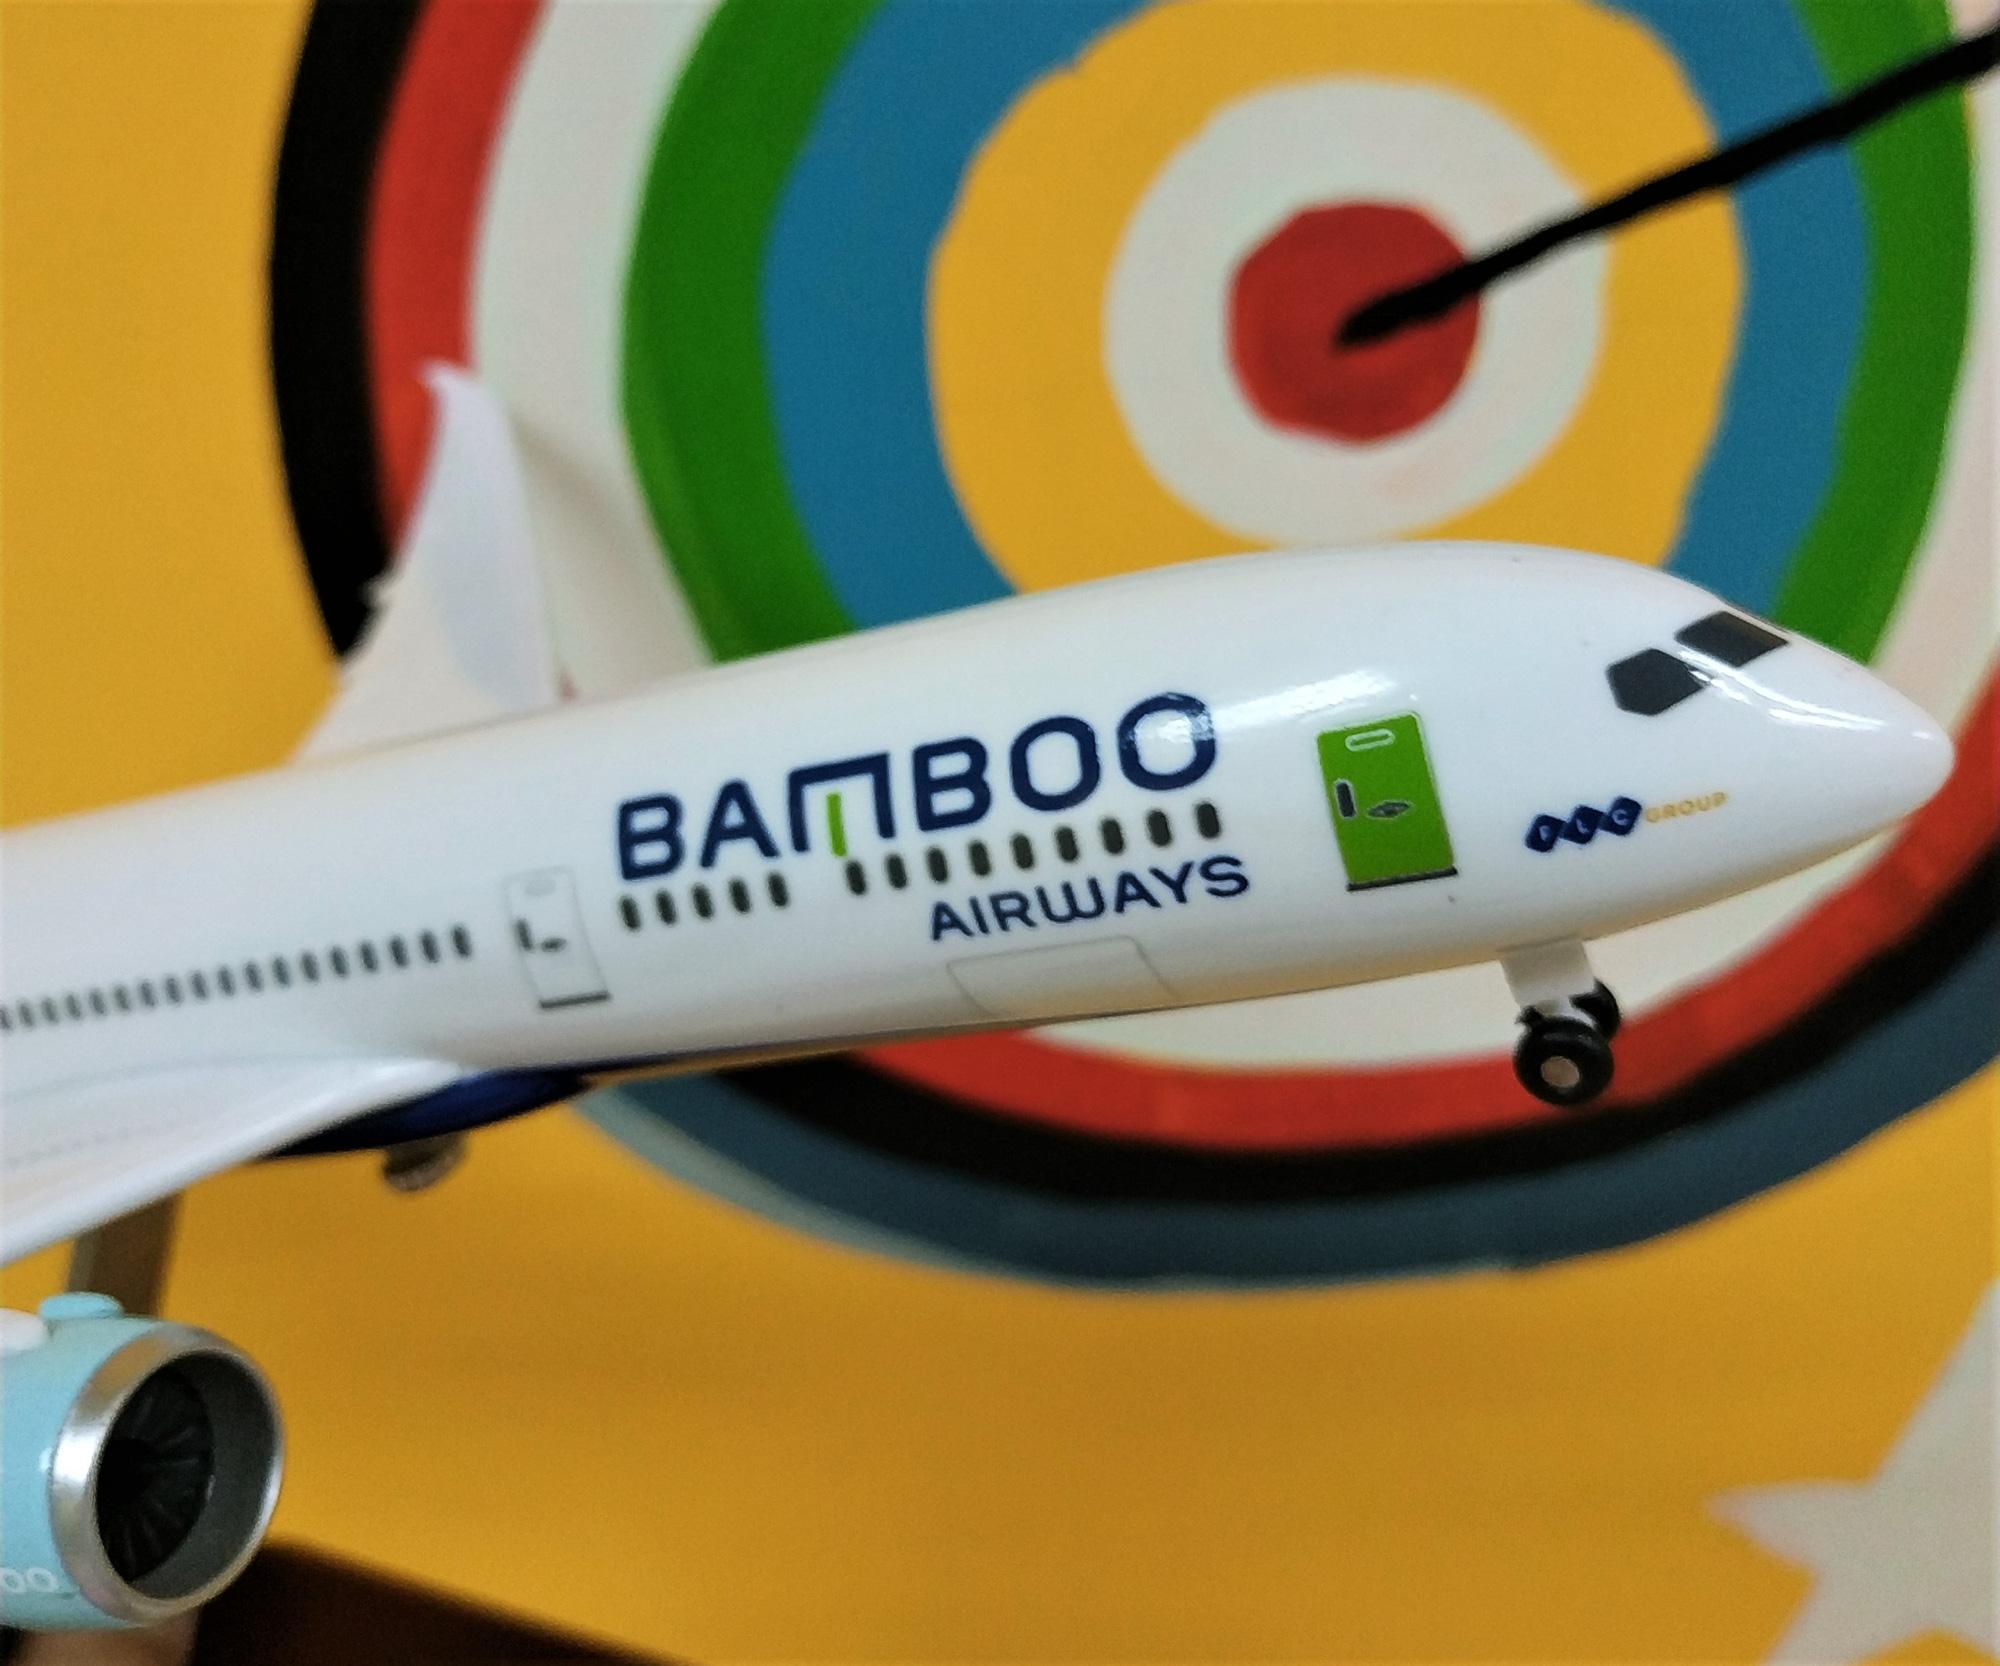 Doanh thu của FLC chủ yếu đến từ đâu khi không còn Bamboo Airways? - Ảnh 1.